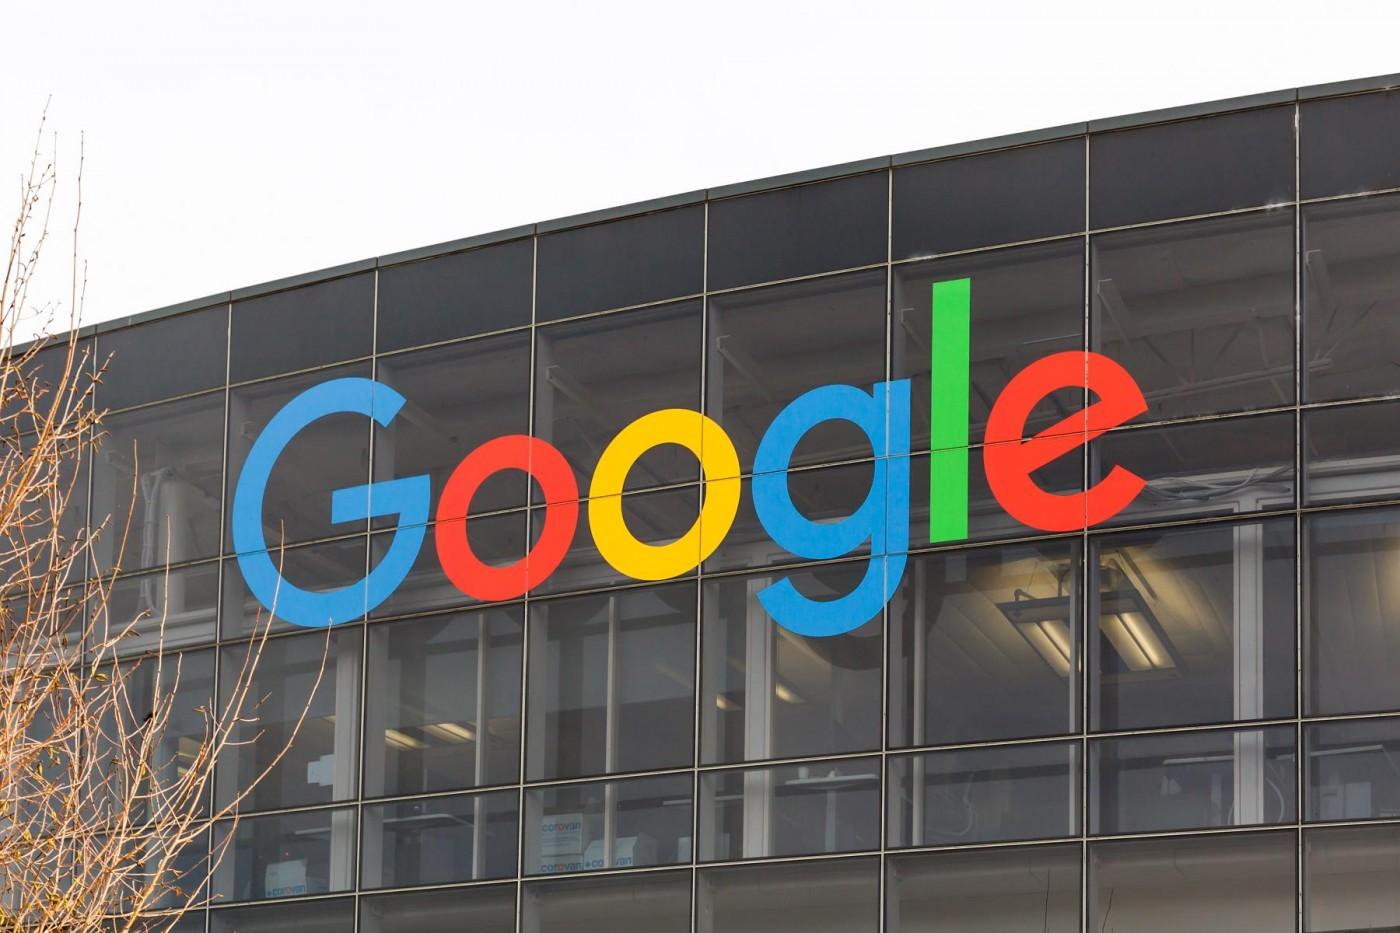 轉身擁抱中國,Google正在背離最初的信仰